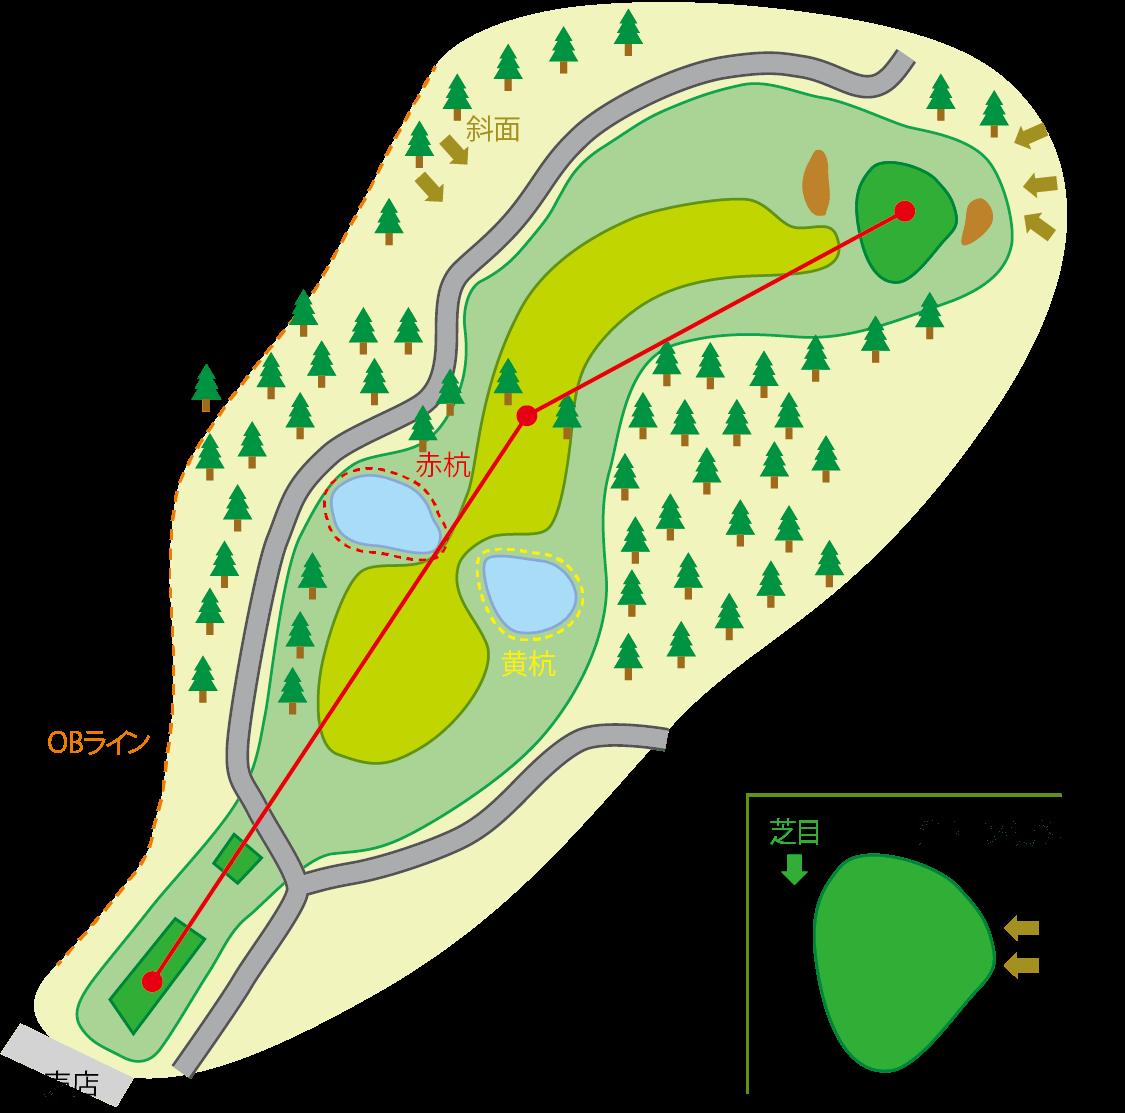 白鳥コース HOLE6のコースマップ